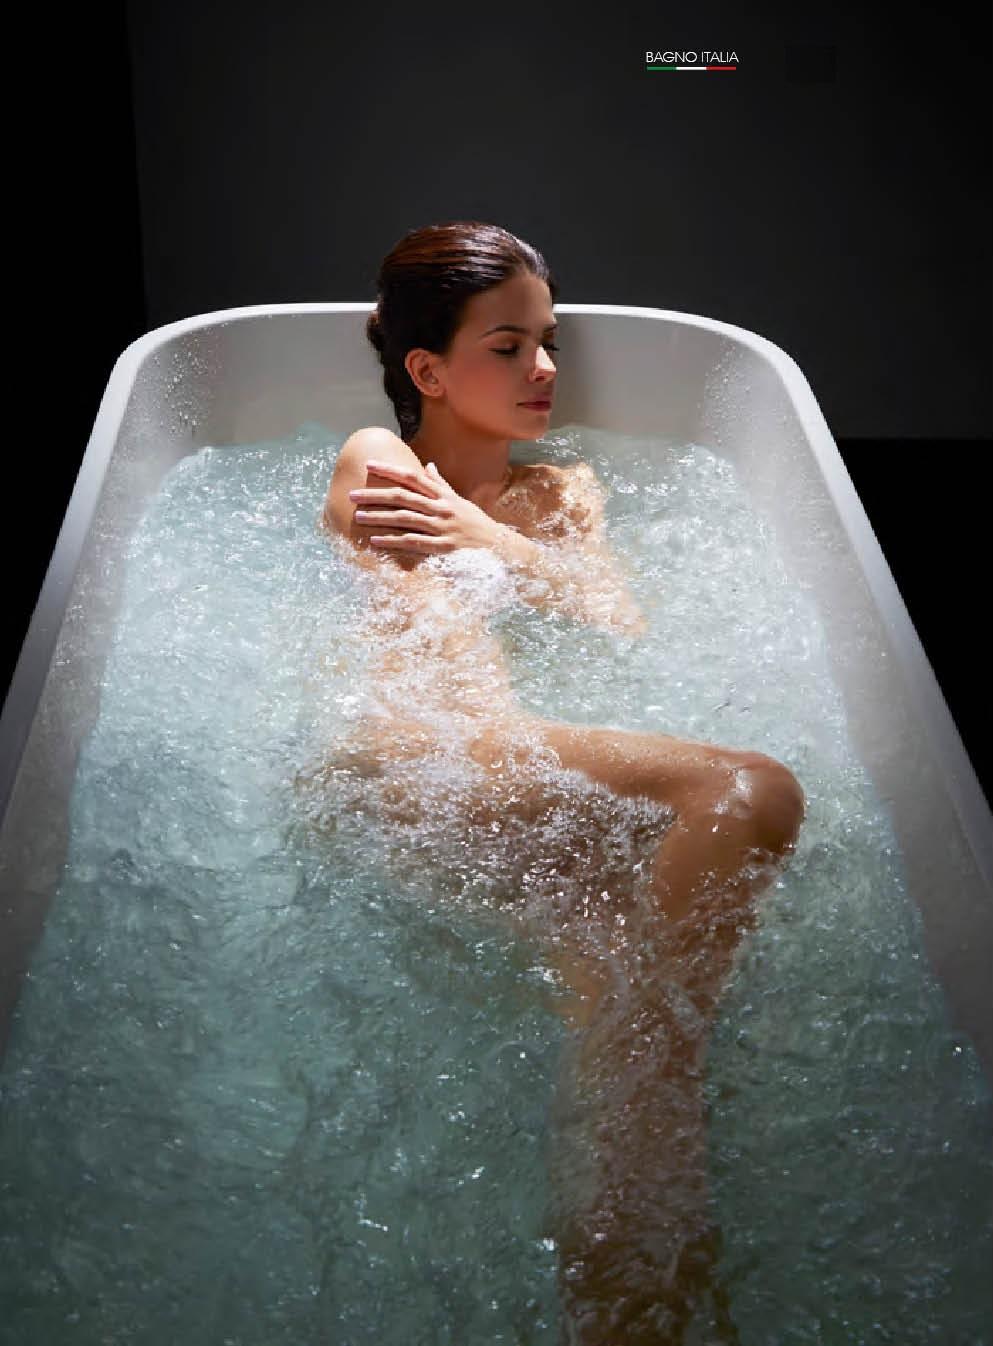 Lady in Bathtub.jpg